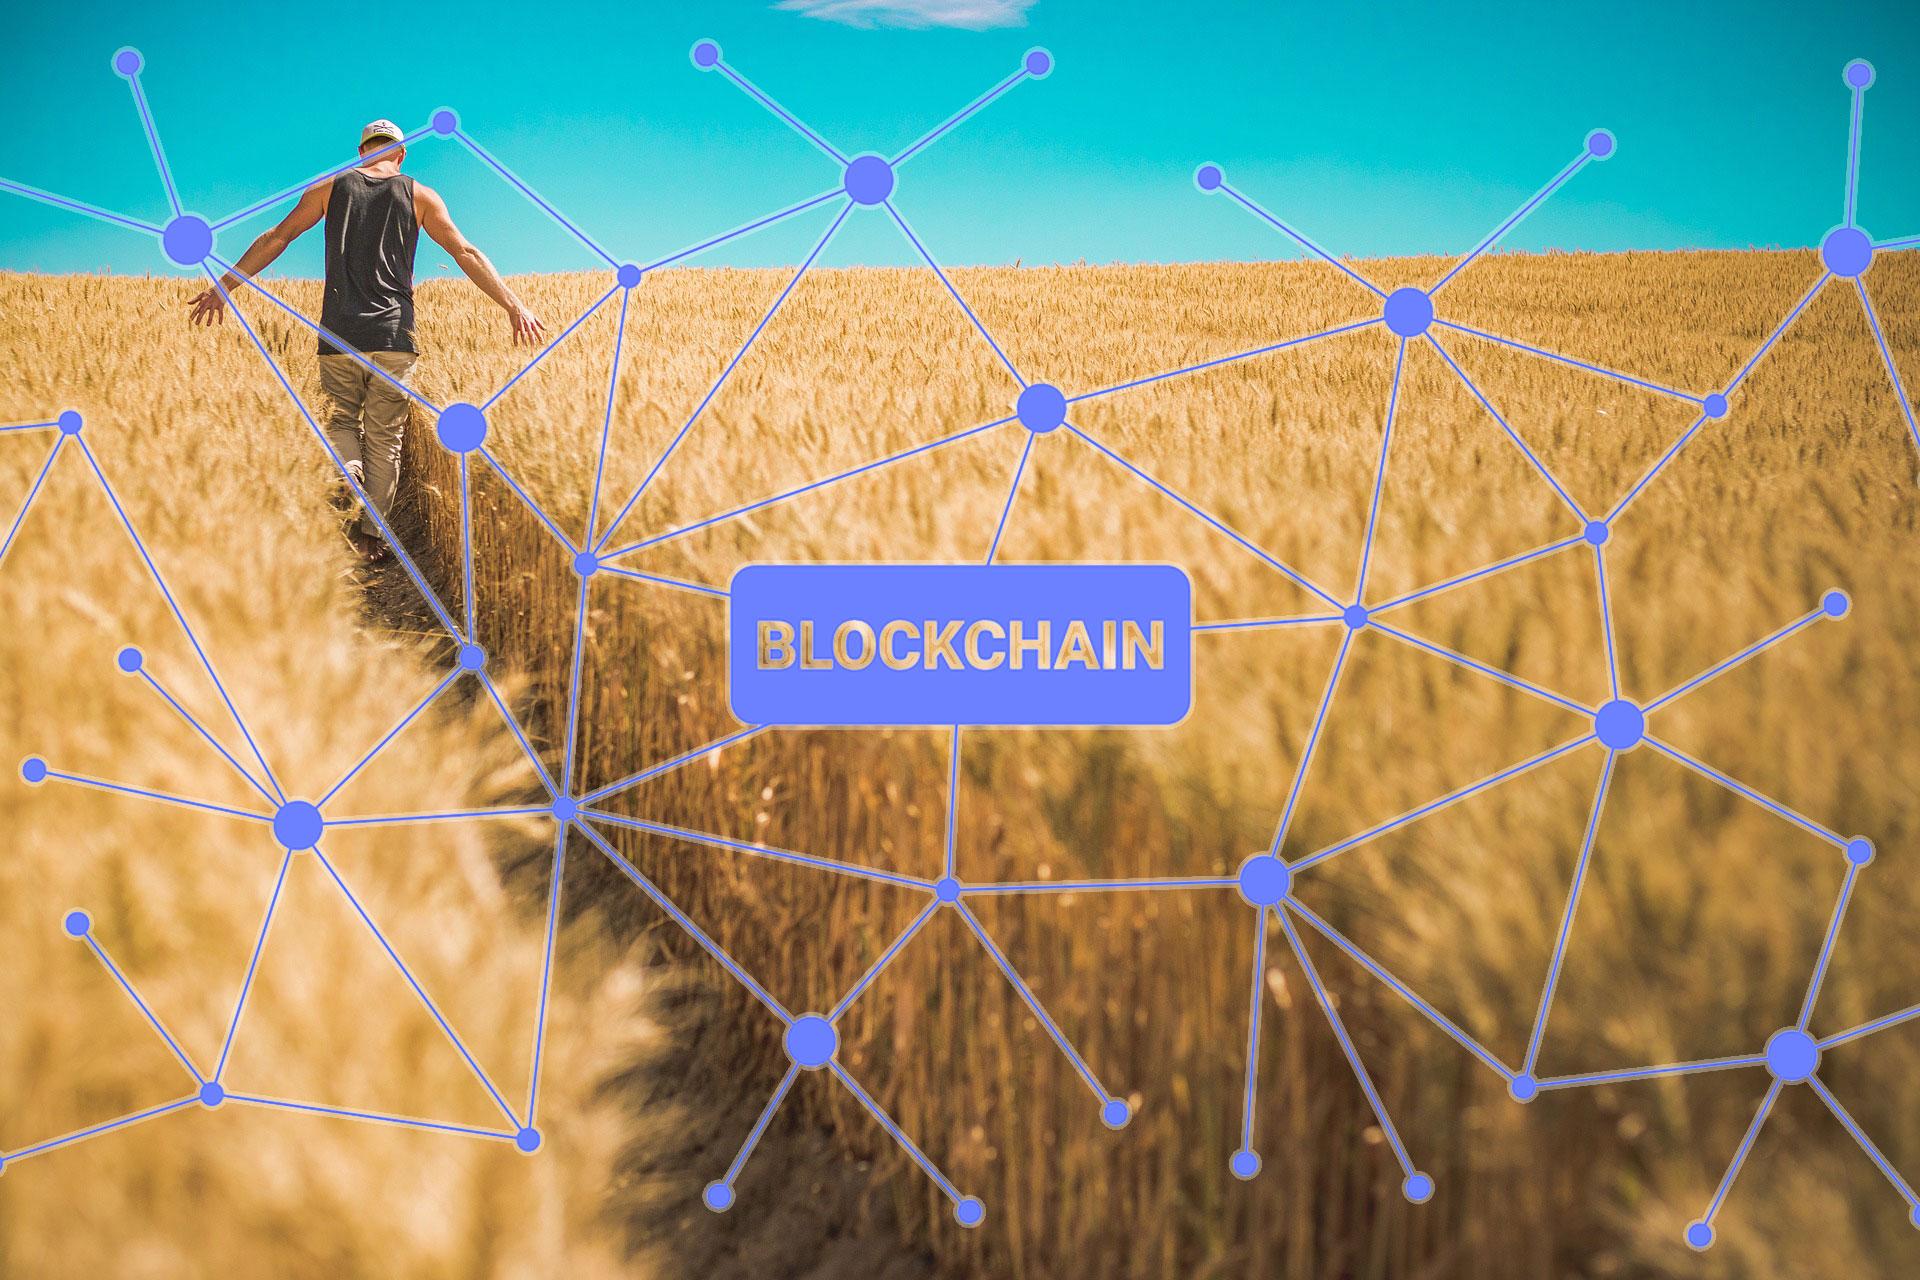 Covantisがブロックチェーン企業ConsenSysと提携、農産物貿易の近代化へ